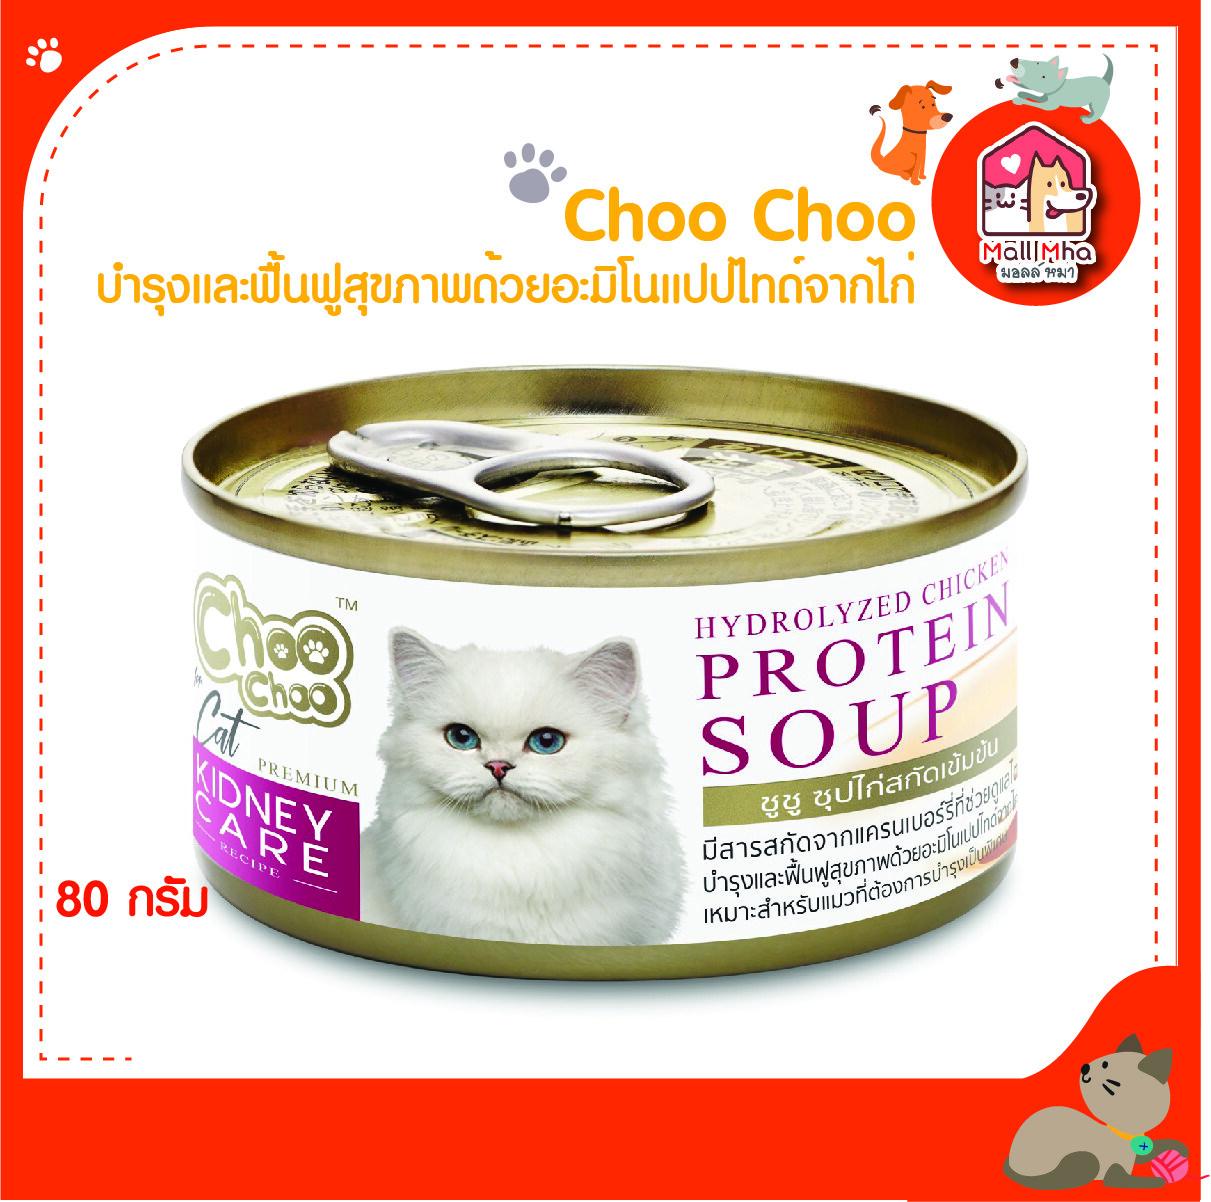 Choo Choo Chicken Soup Recips ชูชุ สูตรซุปไก่ บำรุงไต ขนาด 80 กรัม (สีชมพู).